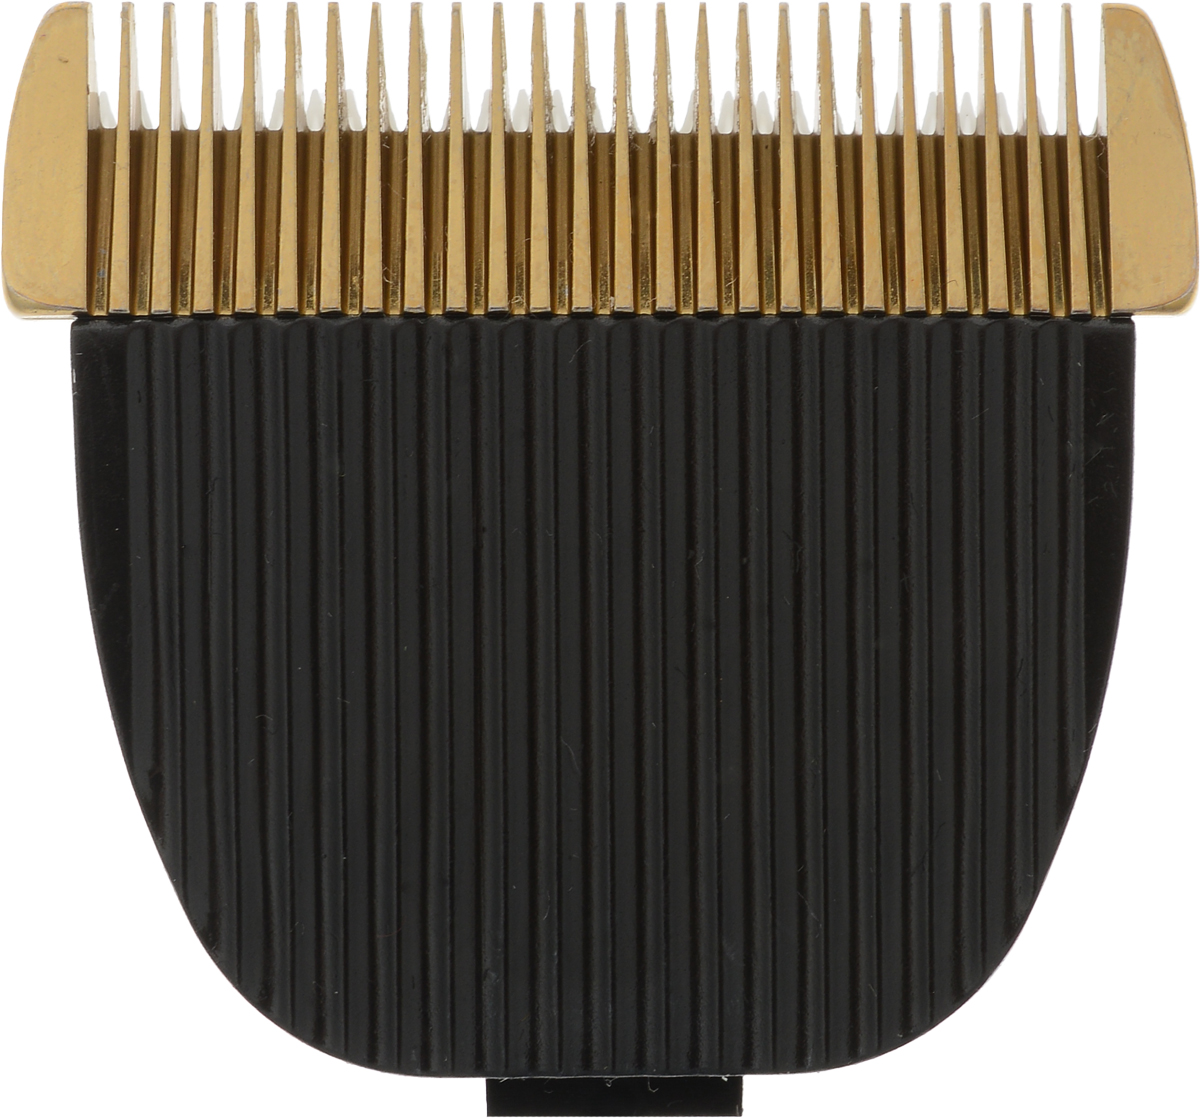 Сменный нож для Ziver-202, керамический, 45 мм. 20.ZV.005 машинка для стрижки стригущий нож ziver 202 40mm 20 zv 005